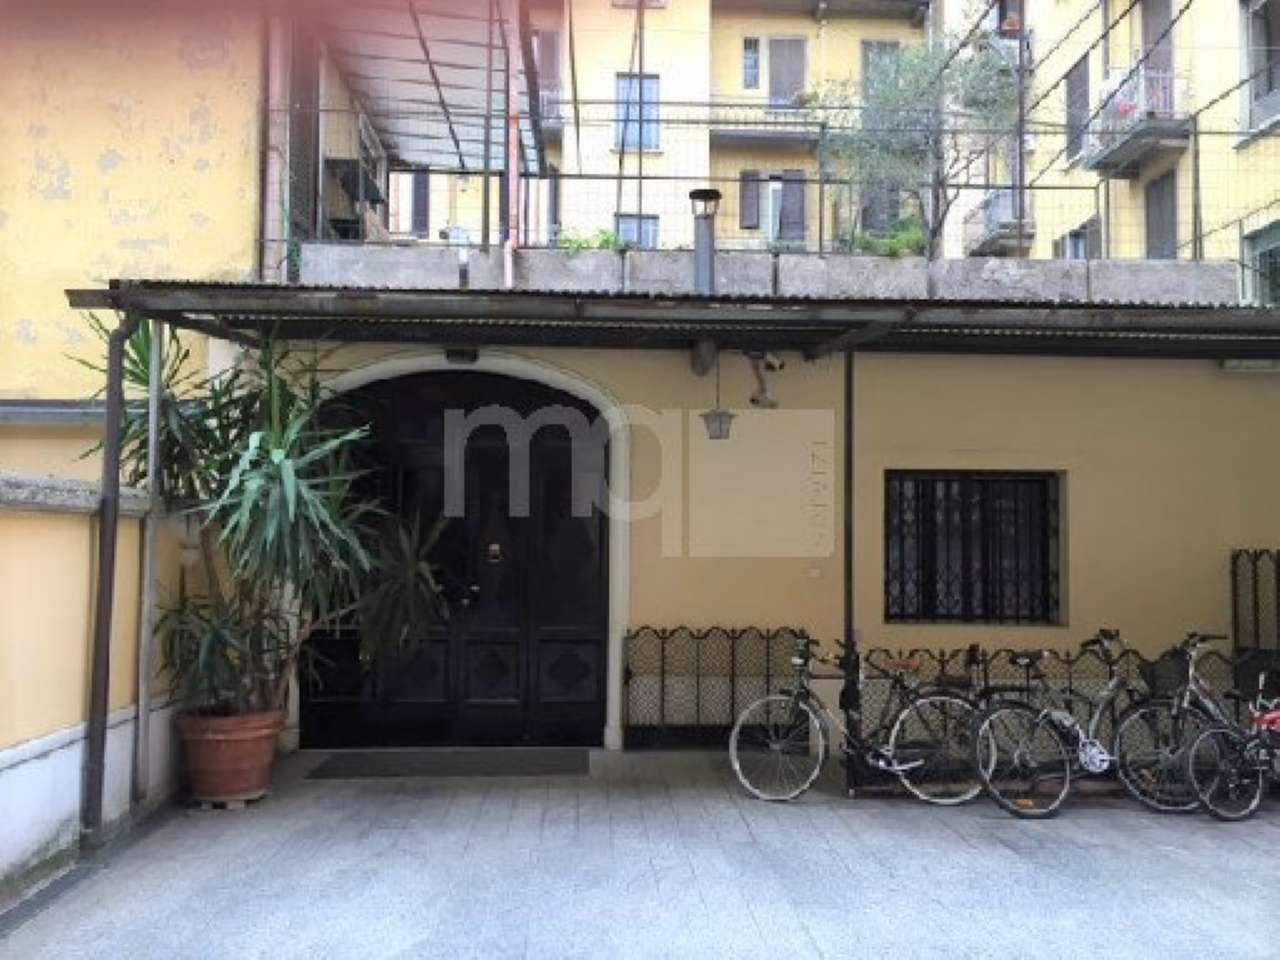 Ufficio / Studio in affitto a Milano, 3 locali, zona Zona: 5 . Citta' Studi, Lambrate, Udine, Loreto, Piola, Ortica, prezzo € 3.190 | CambioCasa.it